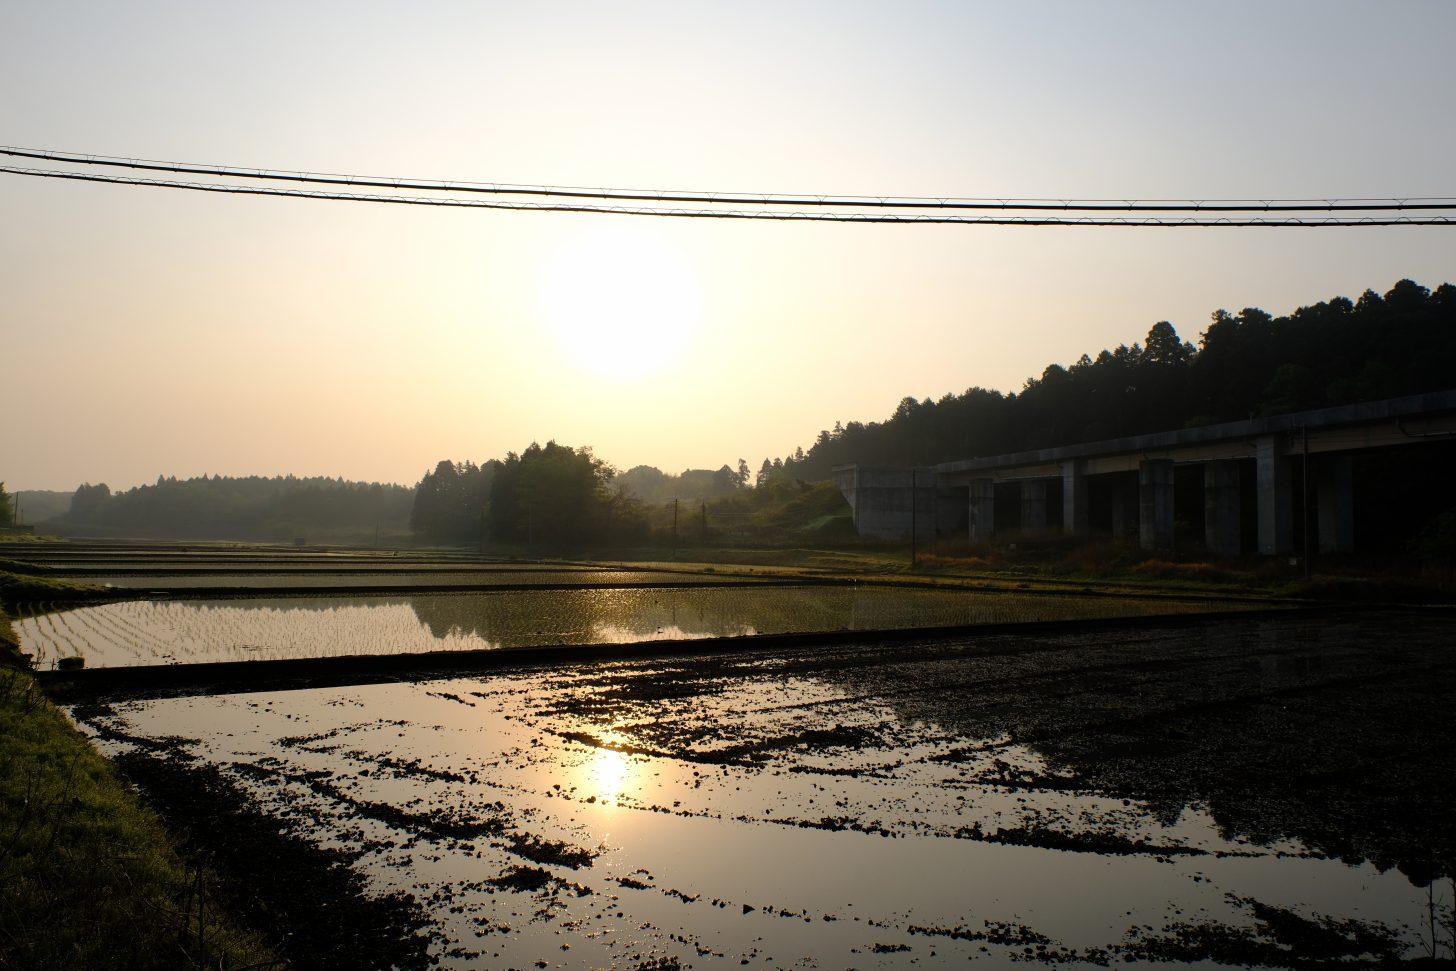 田んぼ 綺麗 風景 反射